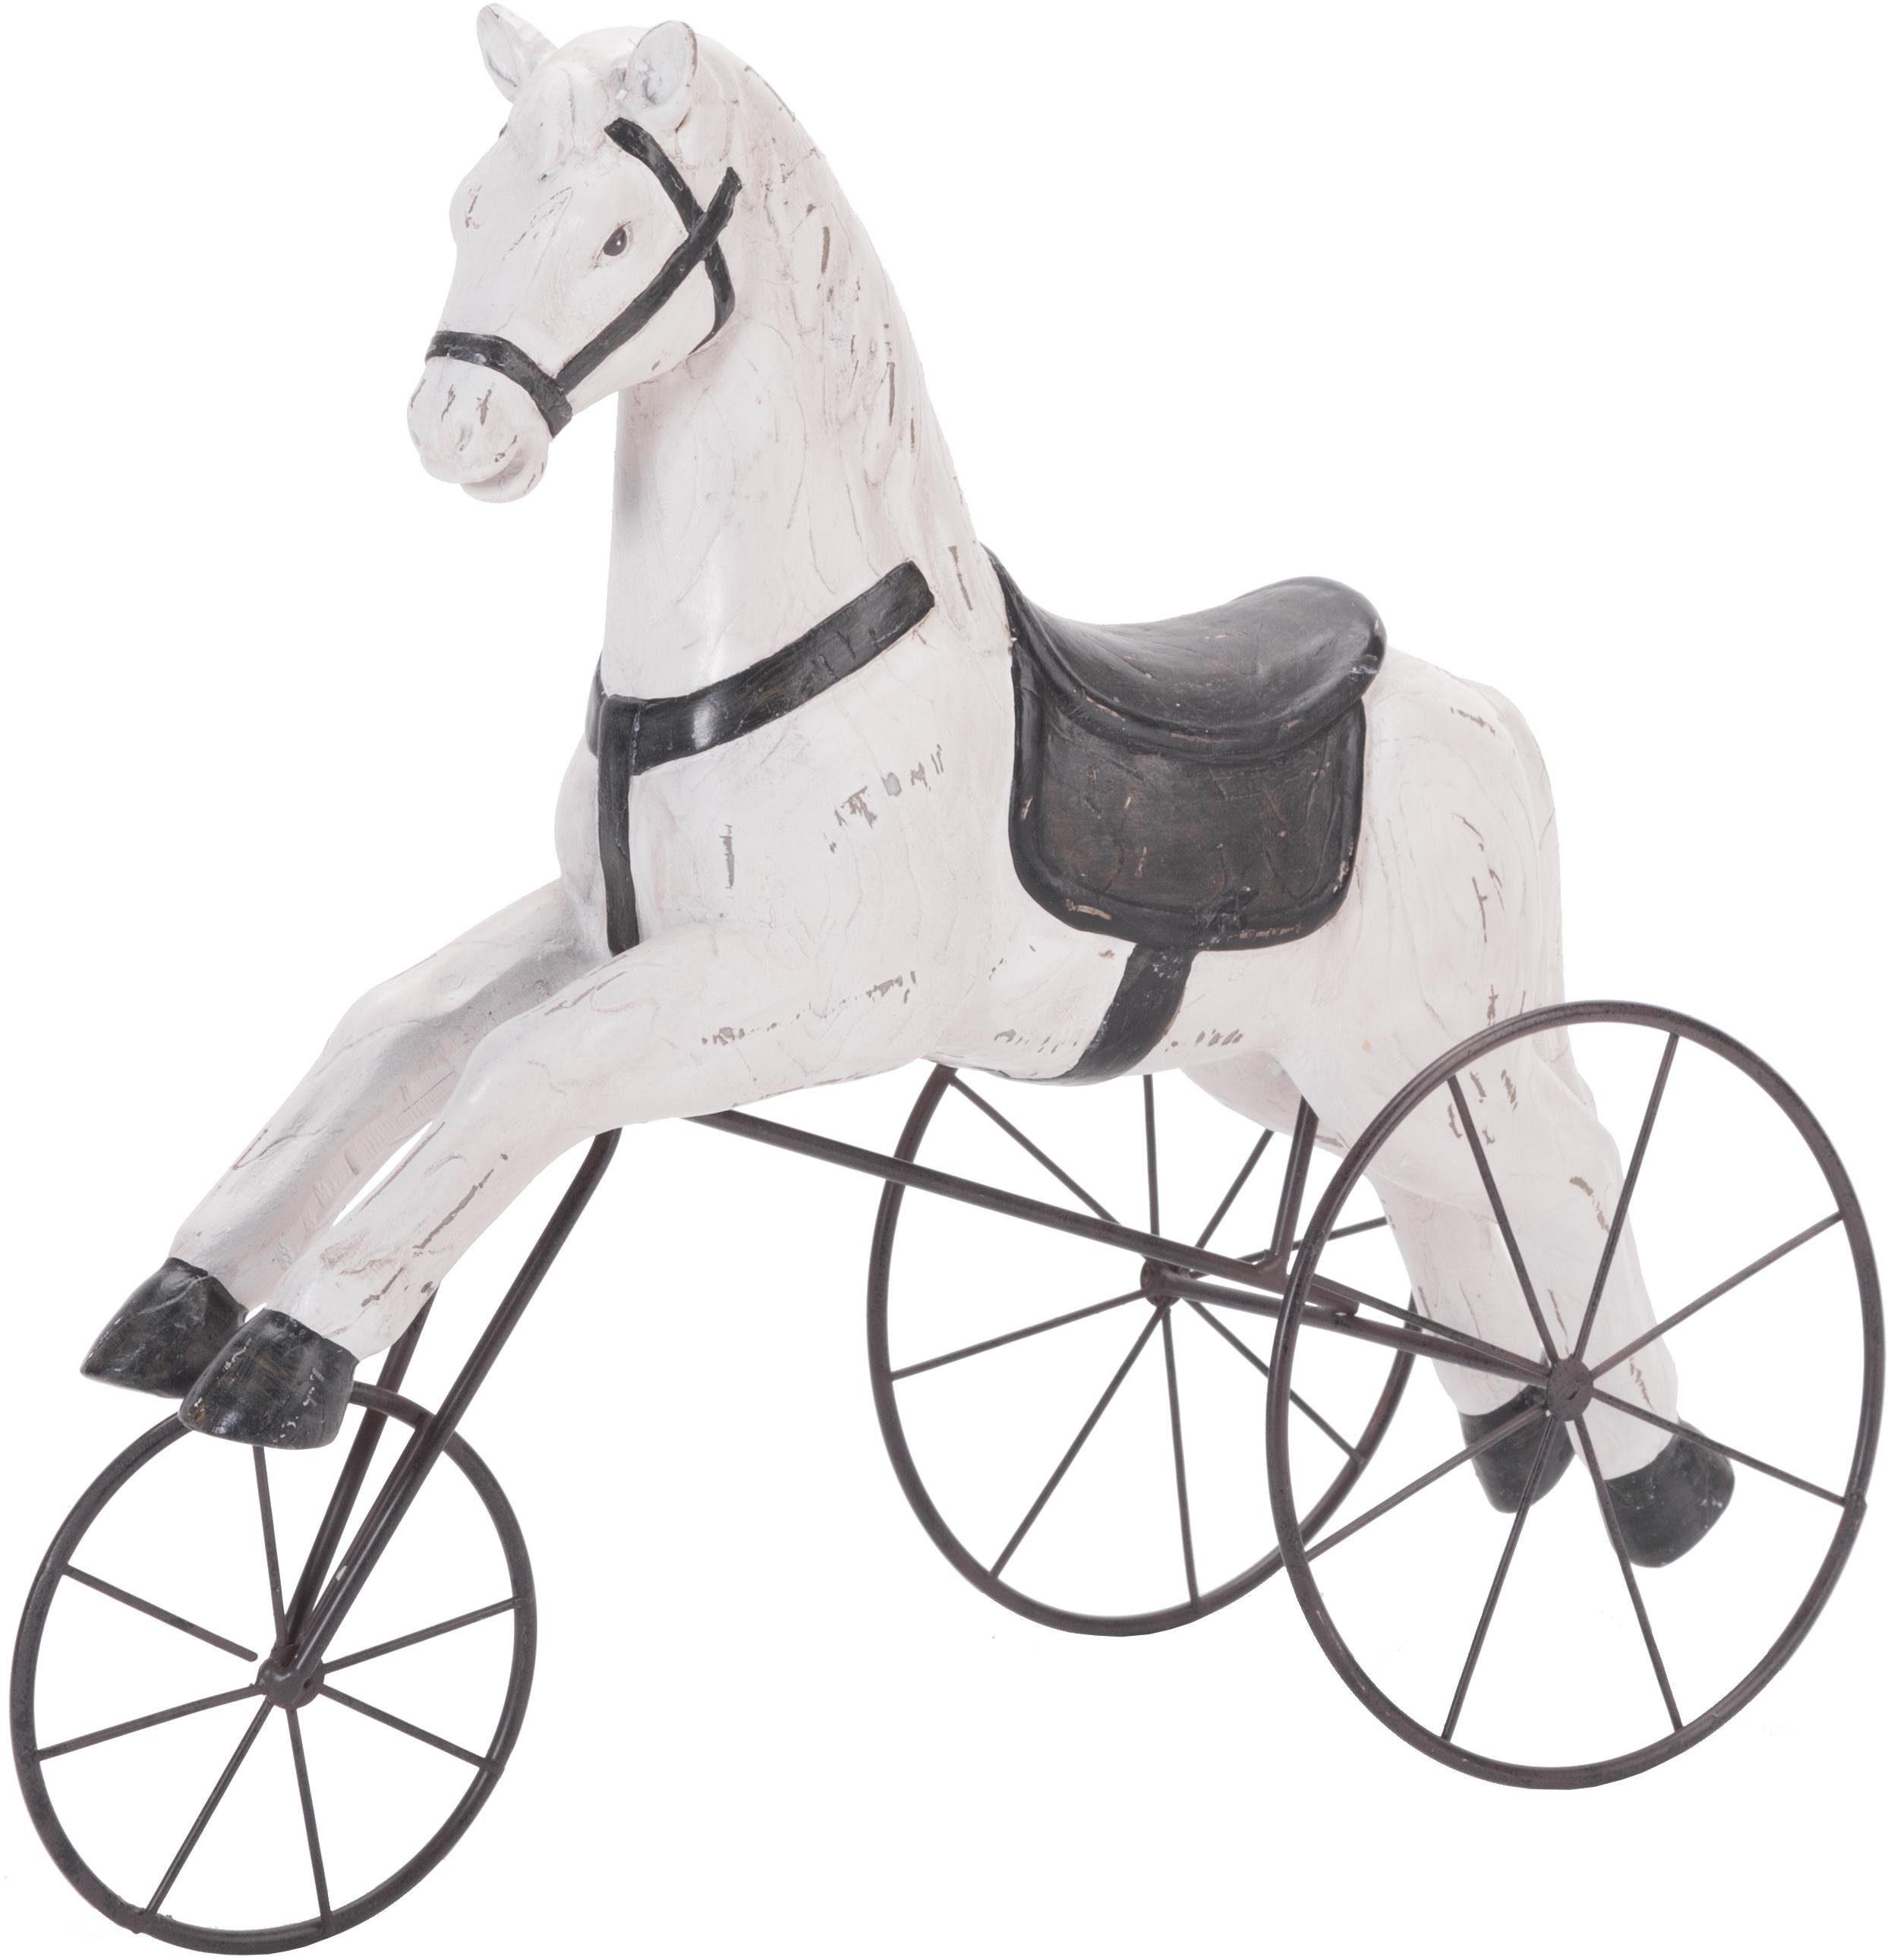 Wittkemper Dekofigur »Pferd auf Rollen«